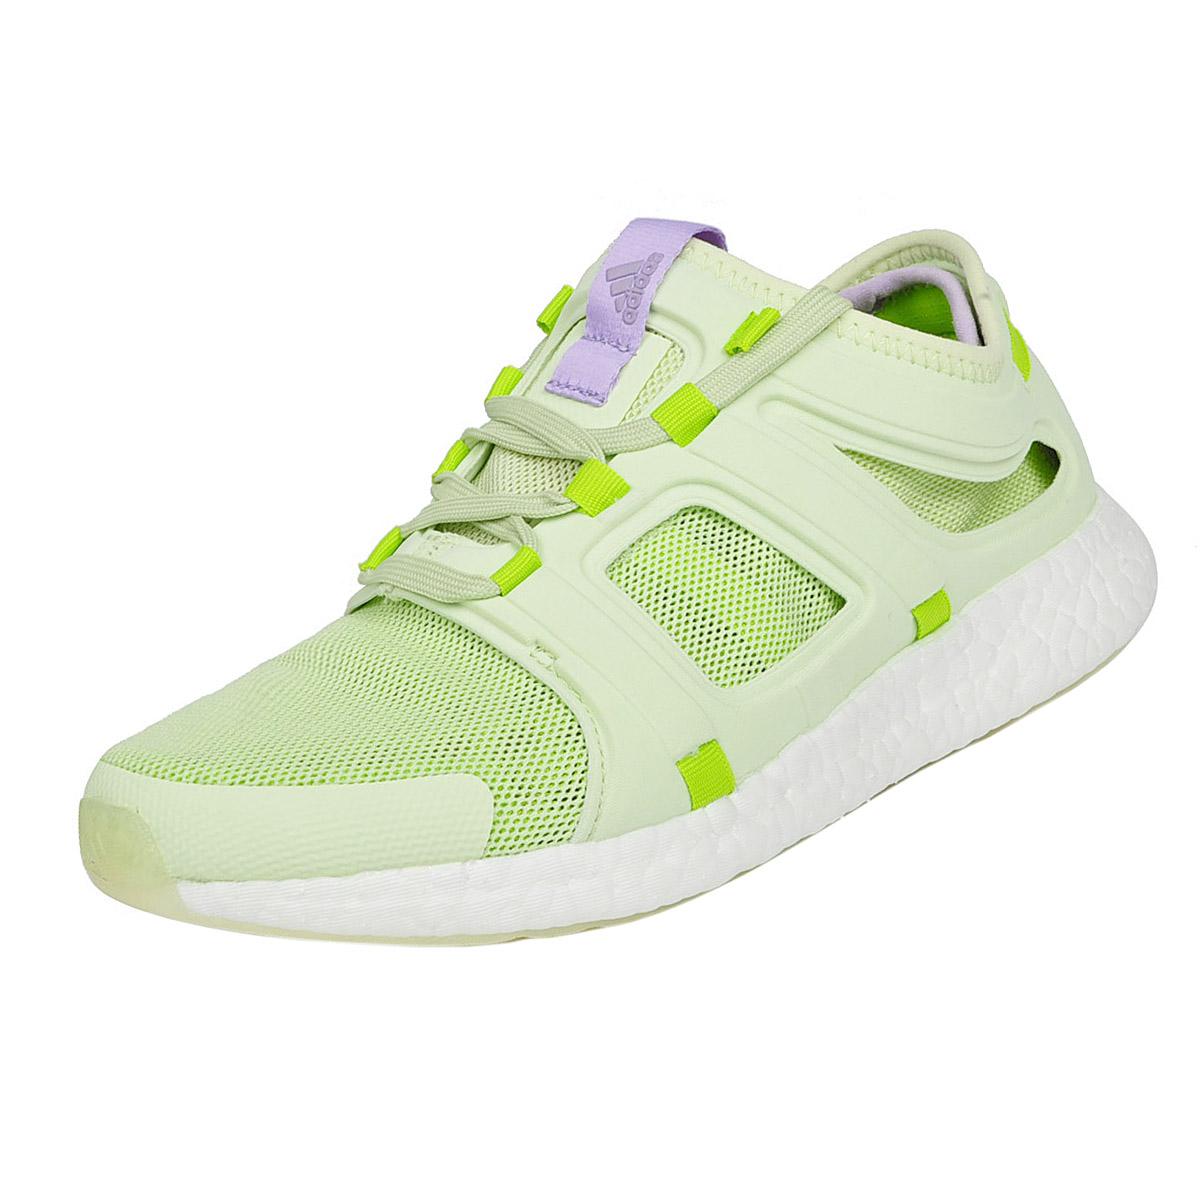 Nuevas Adidas CC ROCKET BOOST W S74469 Mujeres Zapatos Zapatillas zapatillas Venta